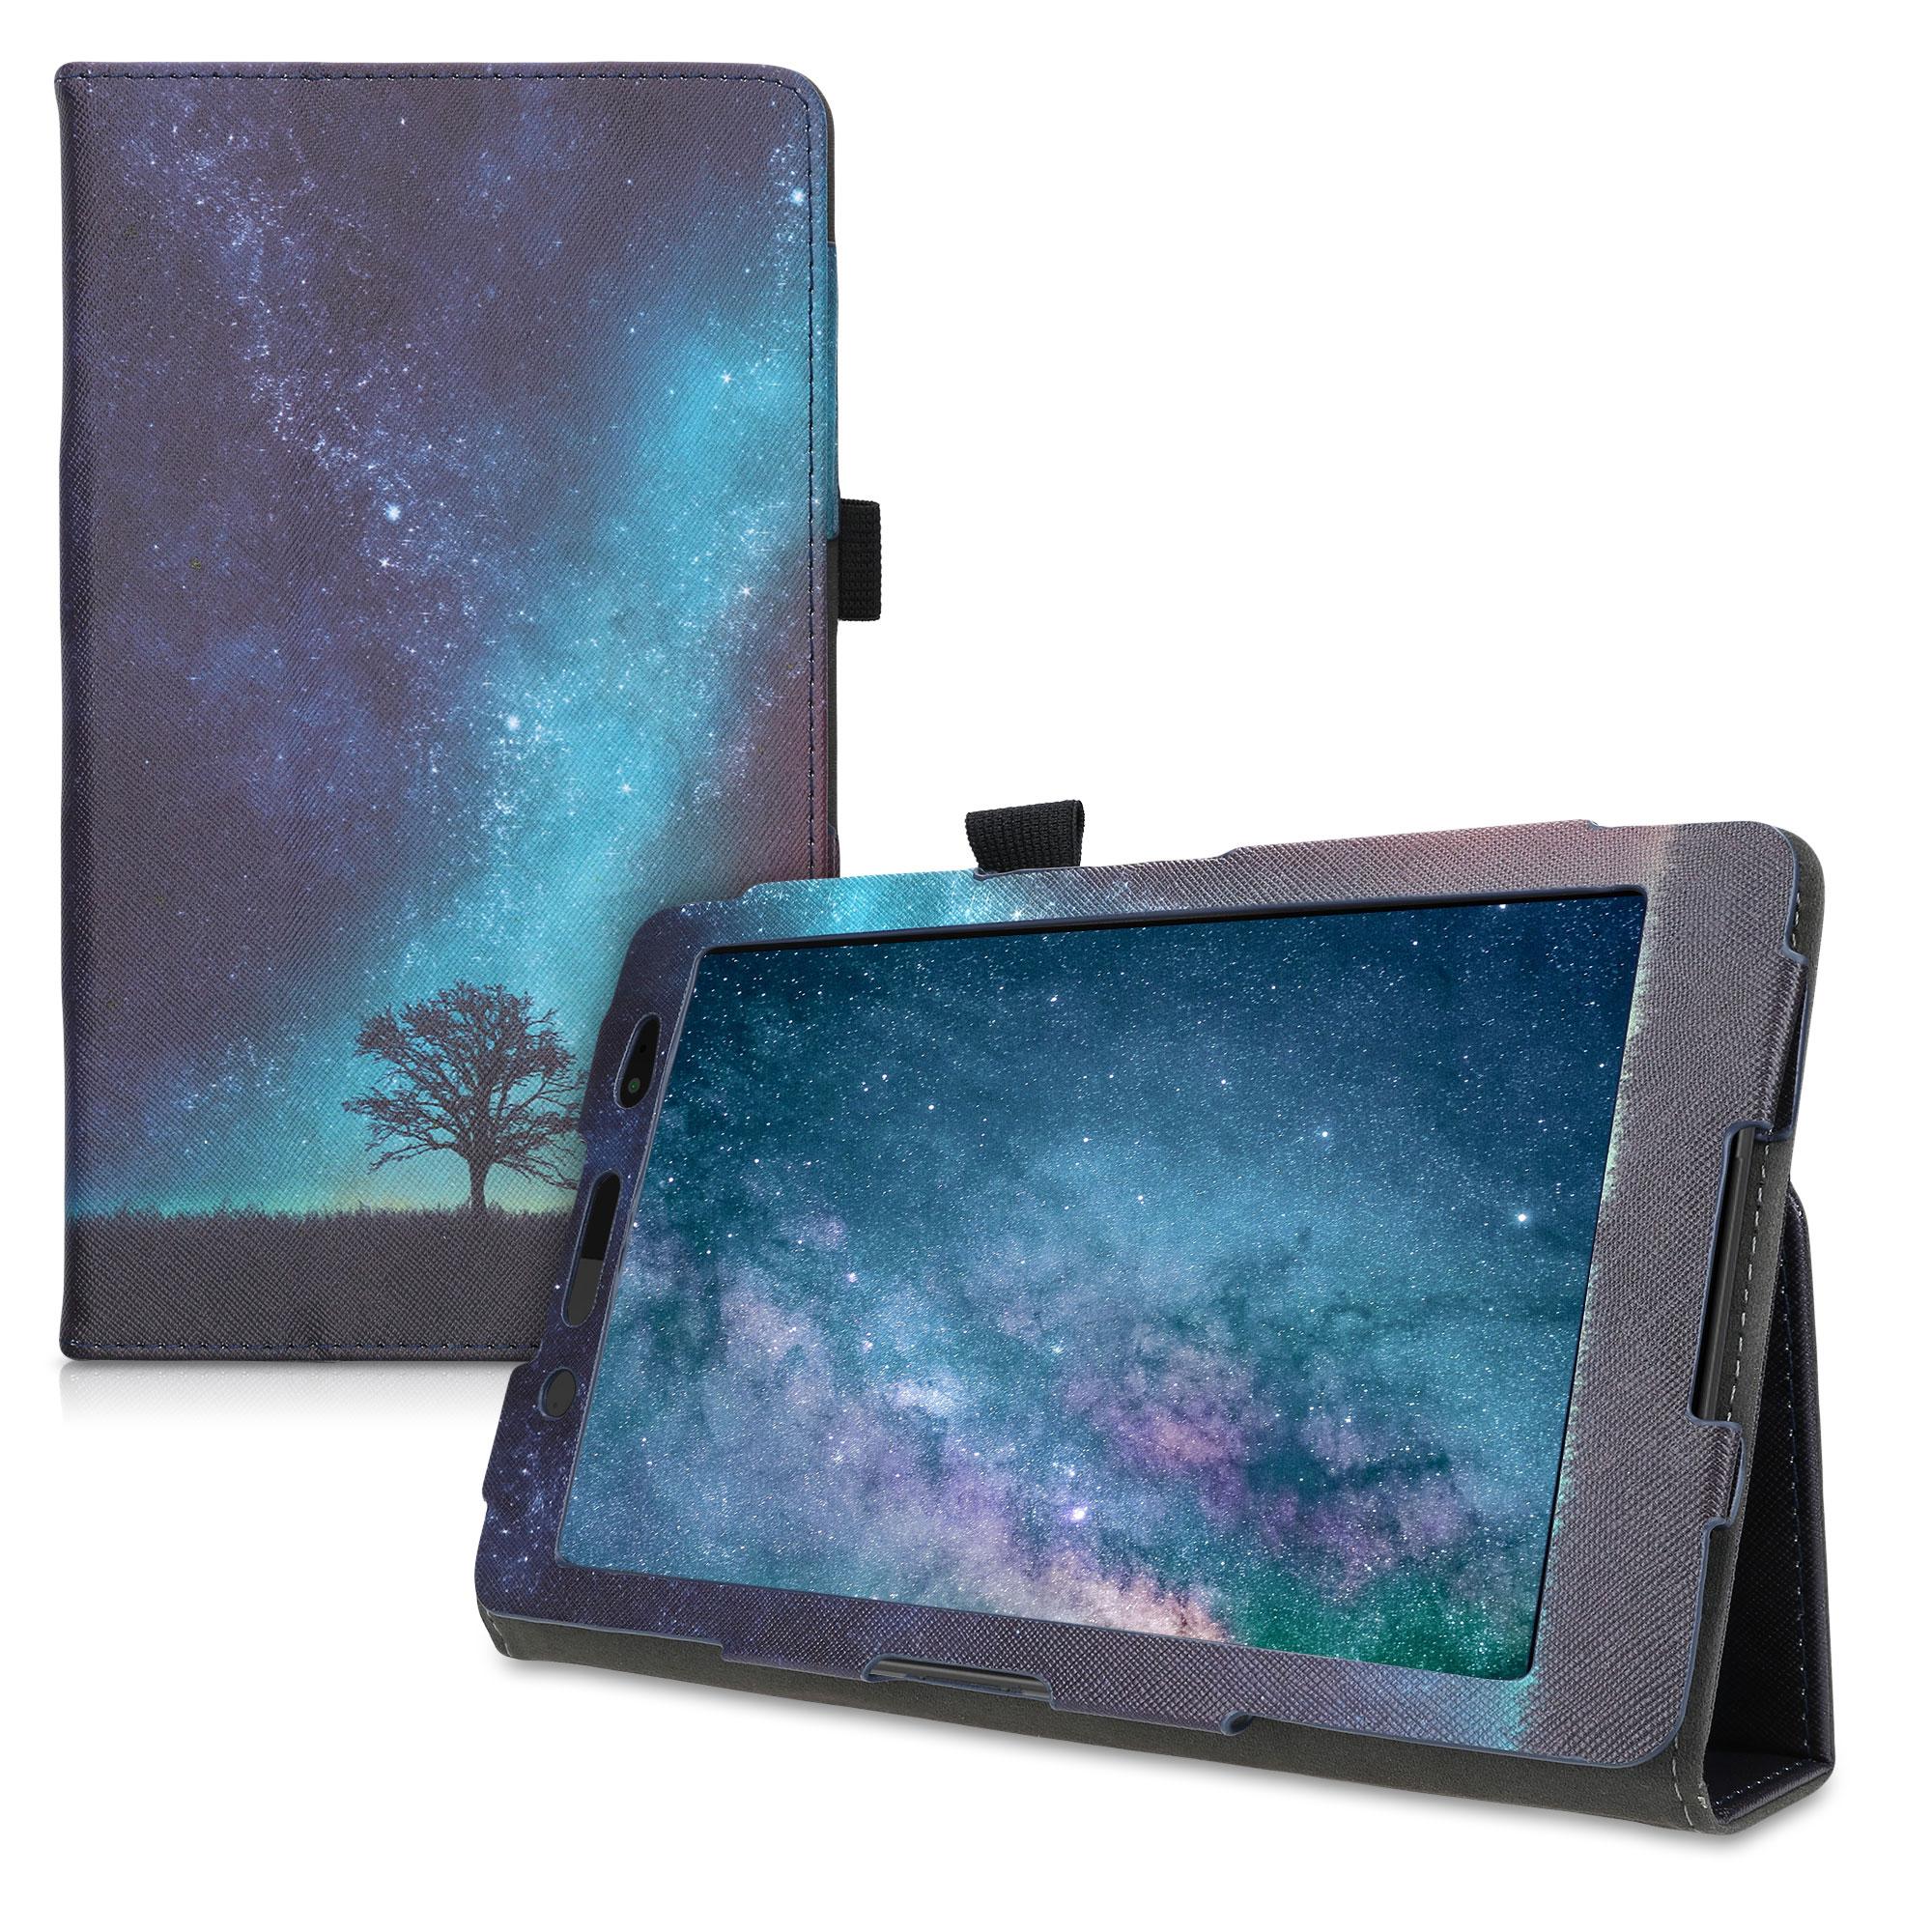 Kožené pouzdro | obal pro Sony Xperia Tablet Z3 Compact - vesmírné příroda modré / šedé/ černé